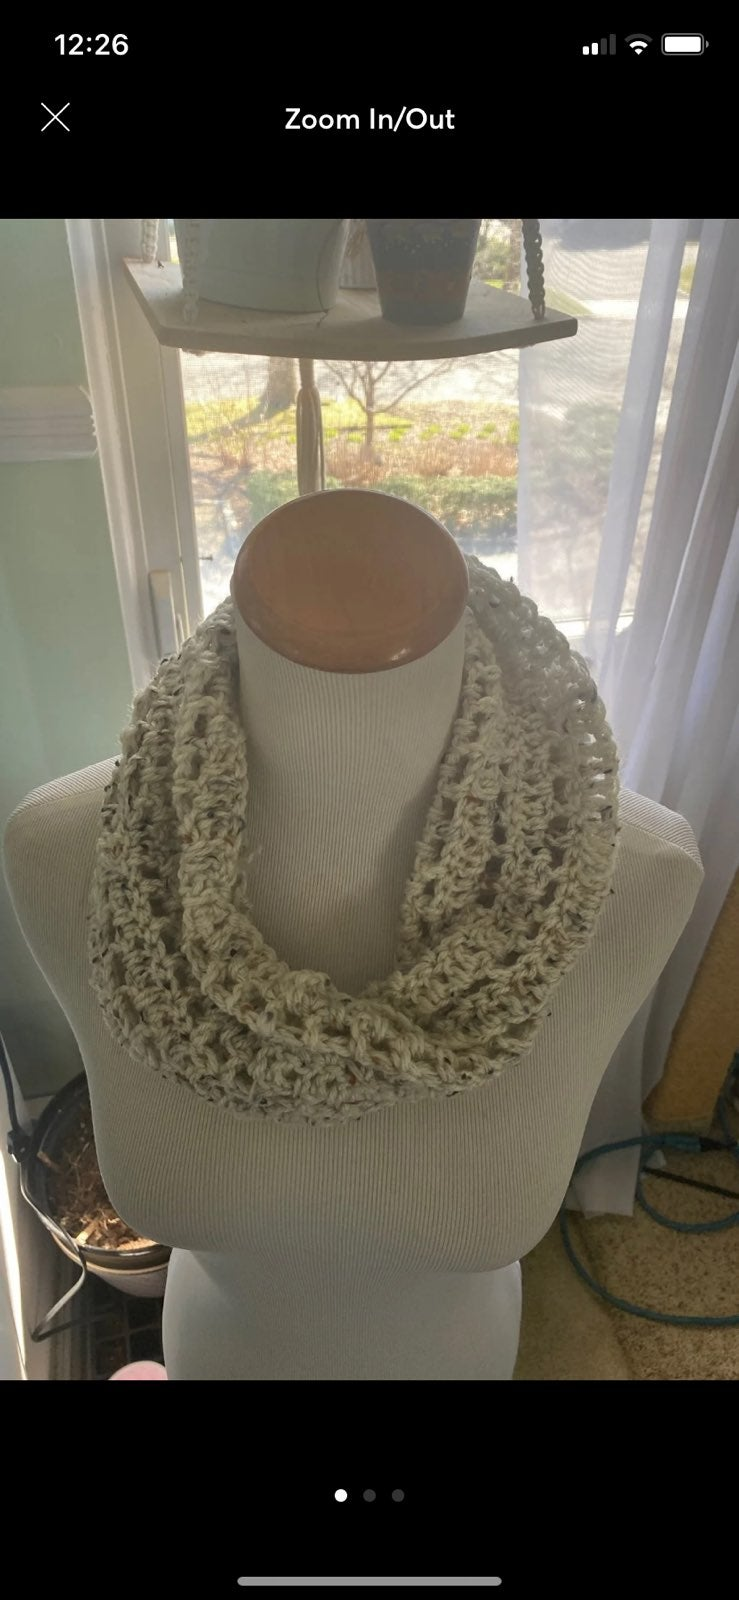 Crochet Oatmeal Scarf - One Size